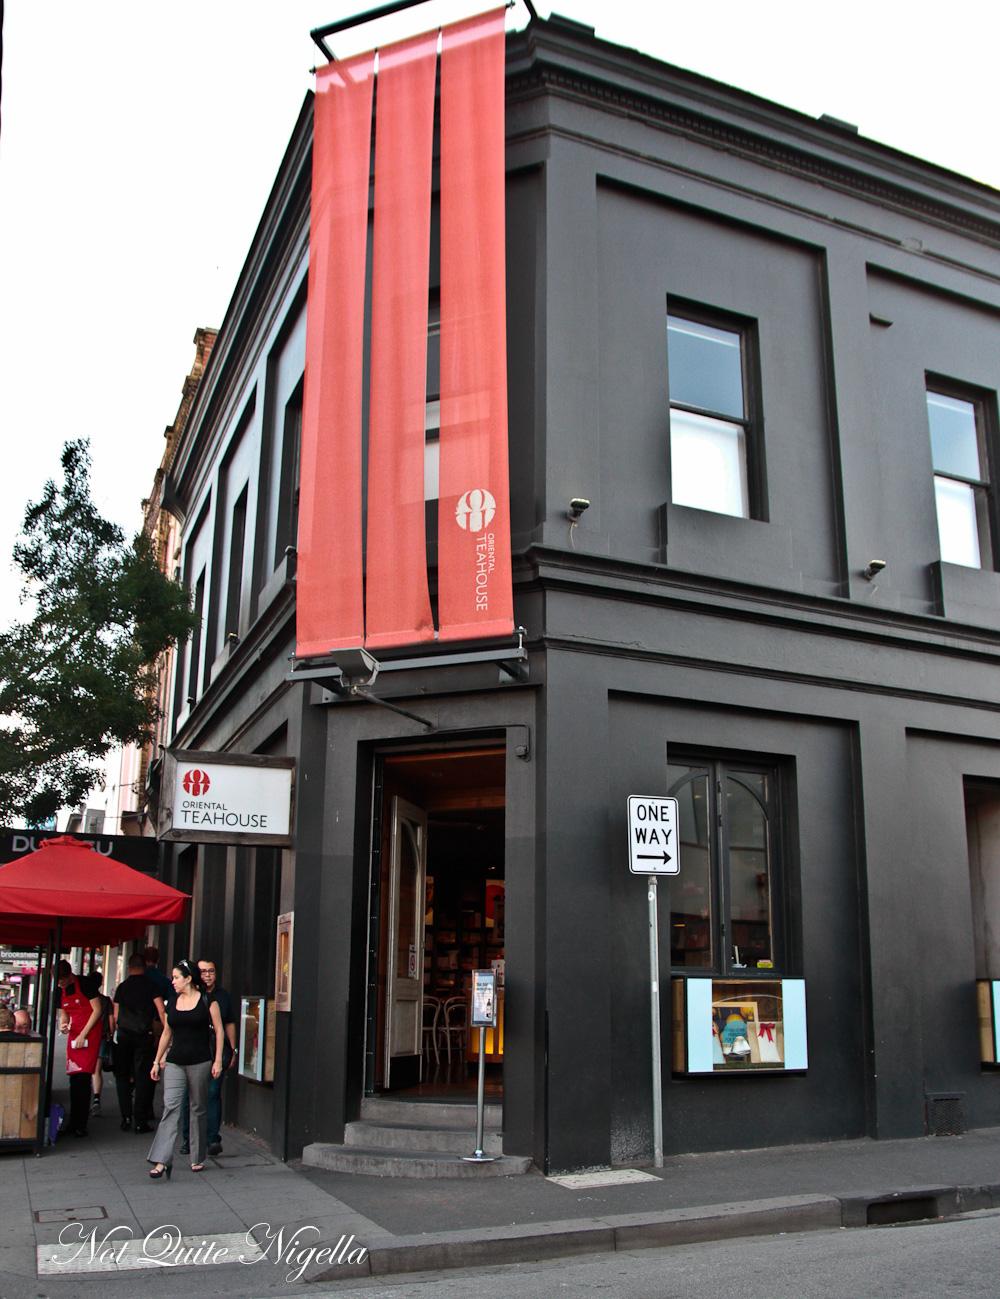 Oriental Tea House Melbourne